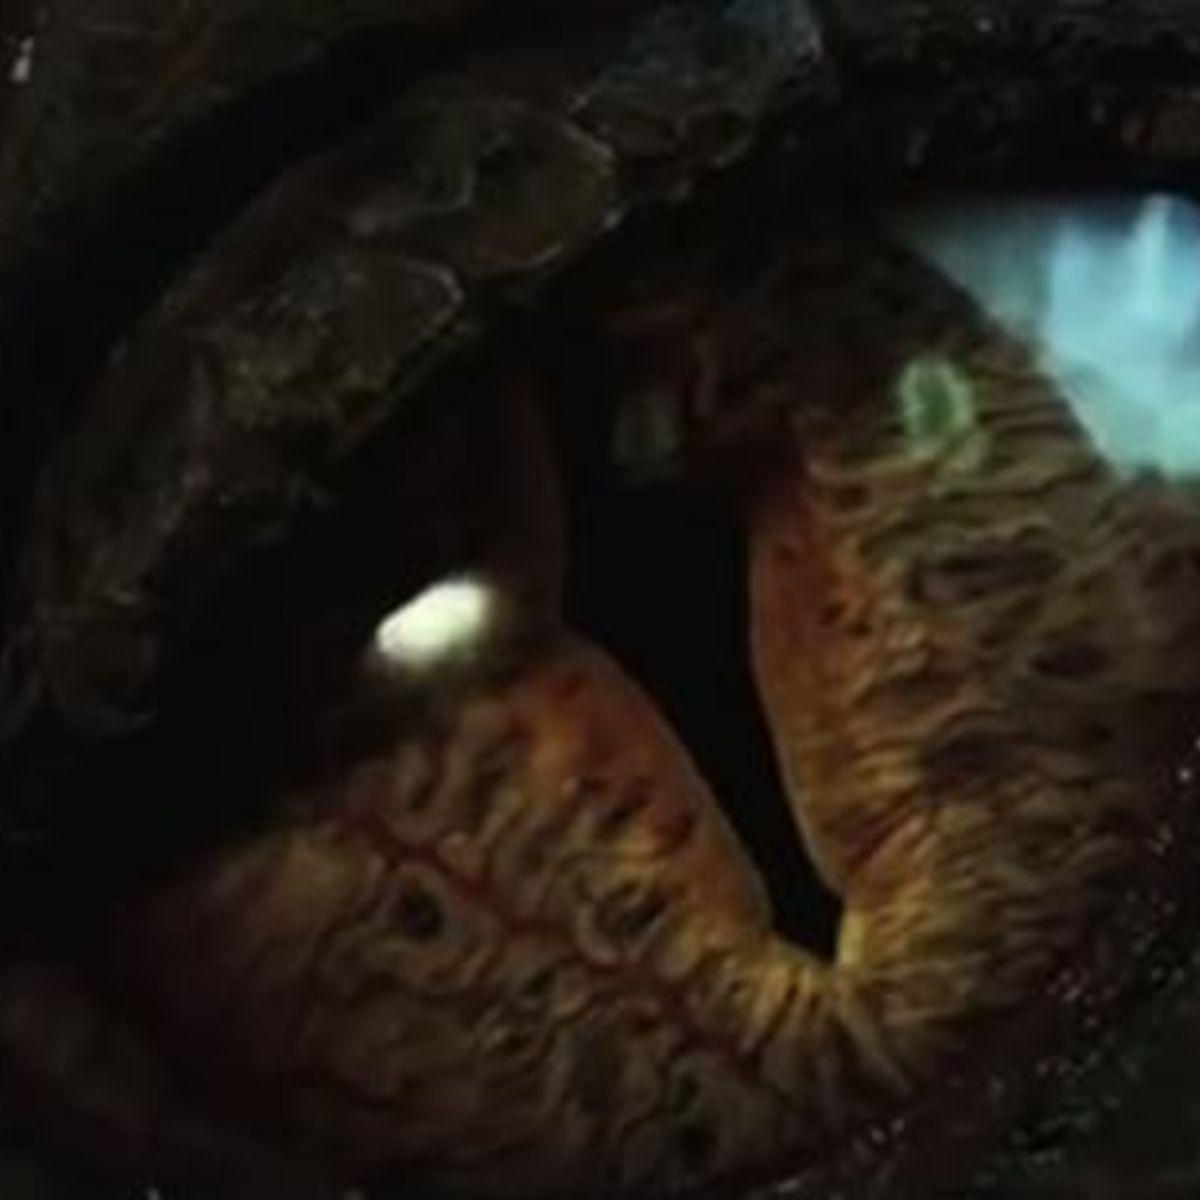 EyeofSmaug_Hobbit.jpg